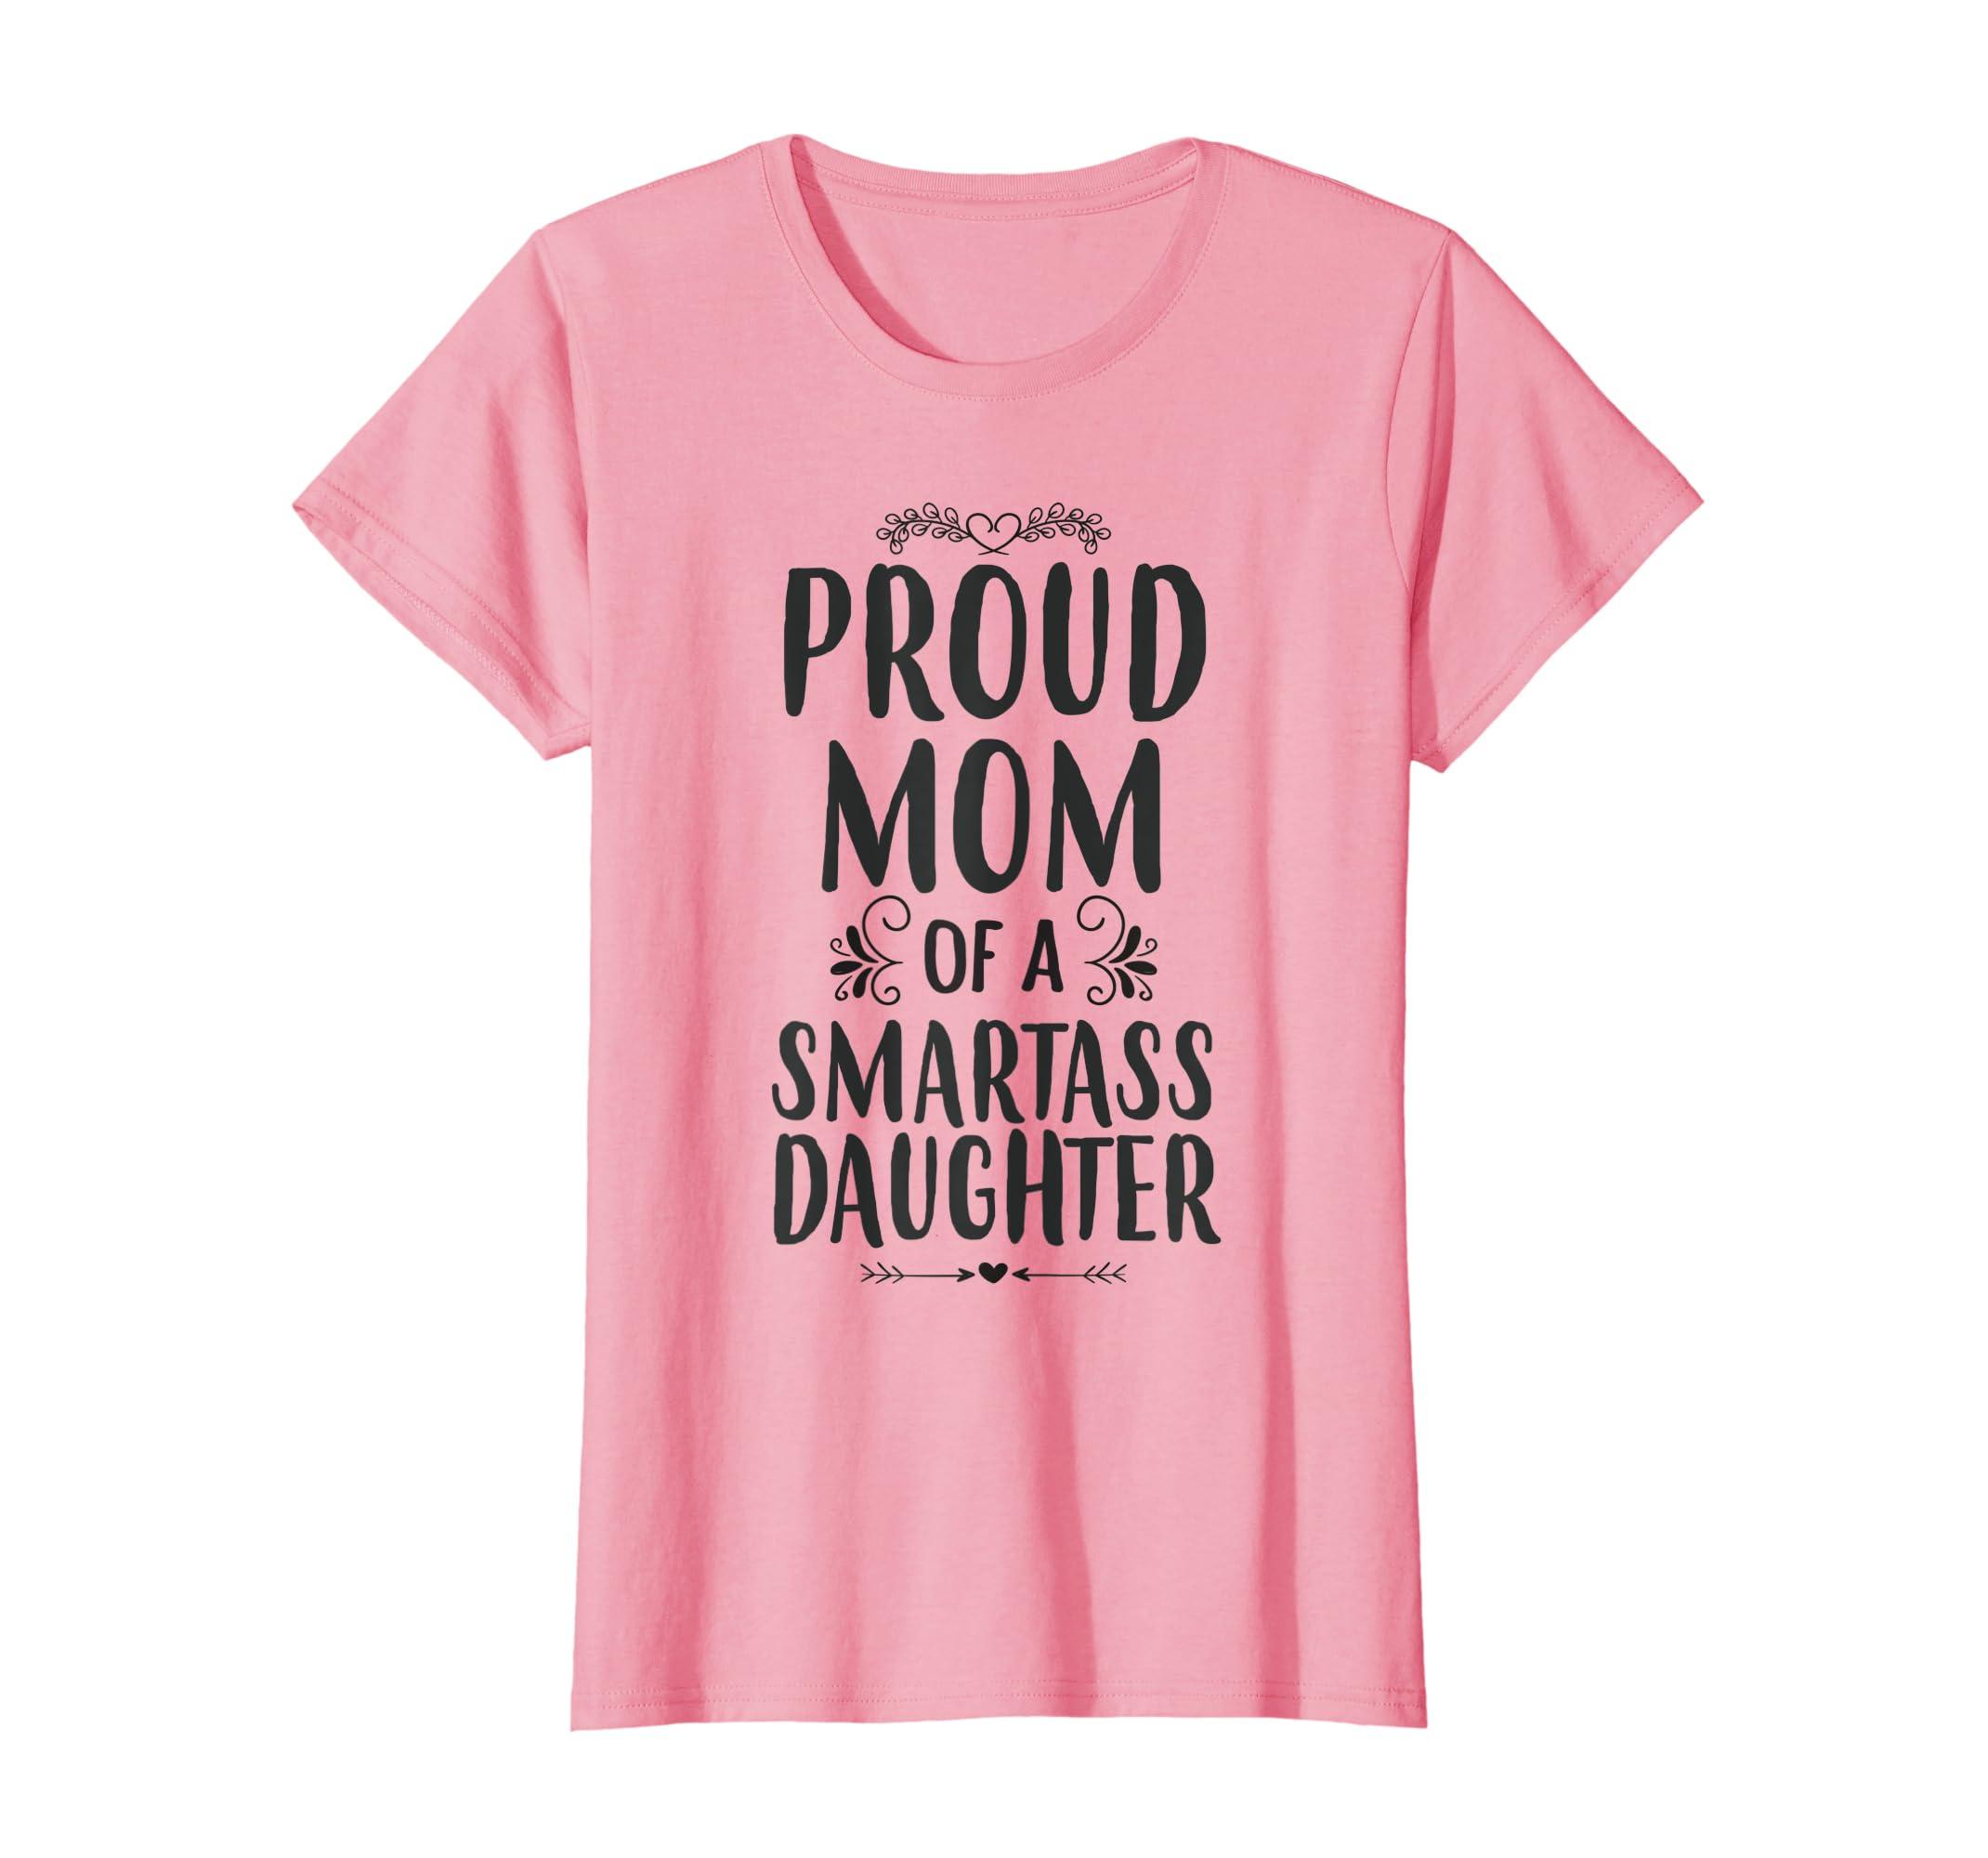 9177766e4 Amazon.com: Womens Proud Mom Of A Smartass Daughter T-shirt, Mom Daughter  Shirt: Clothing